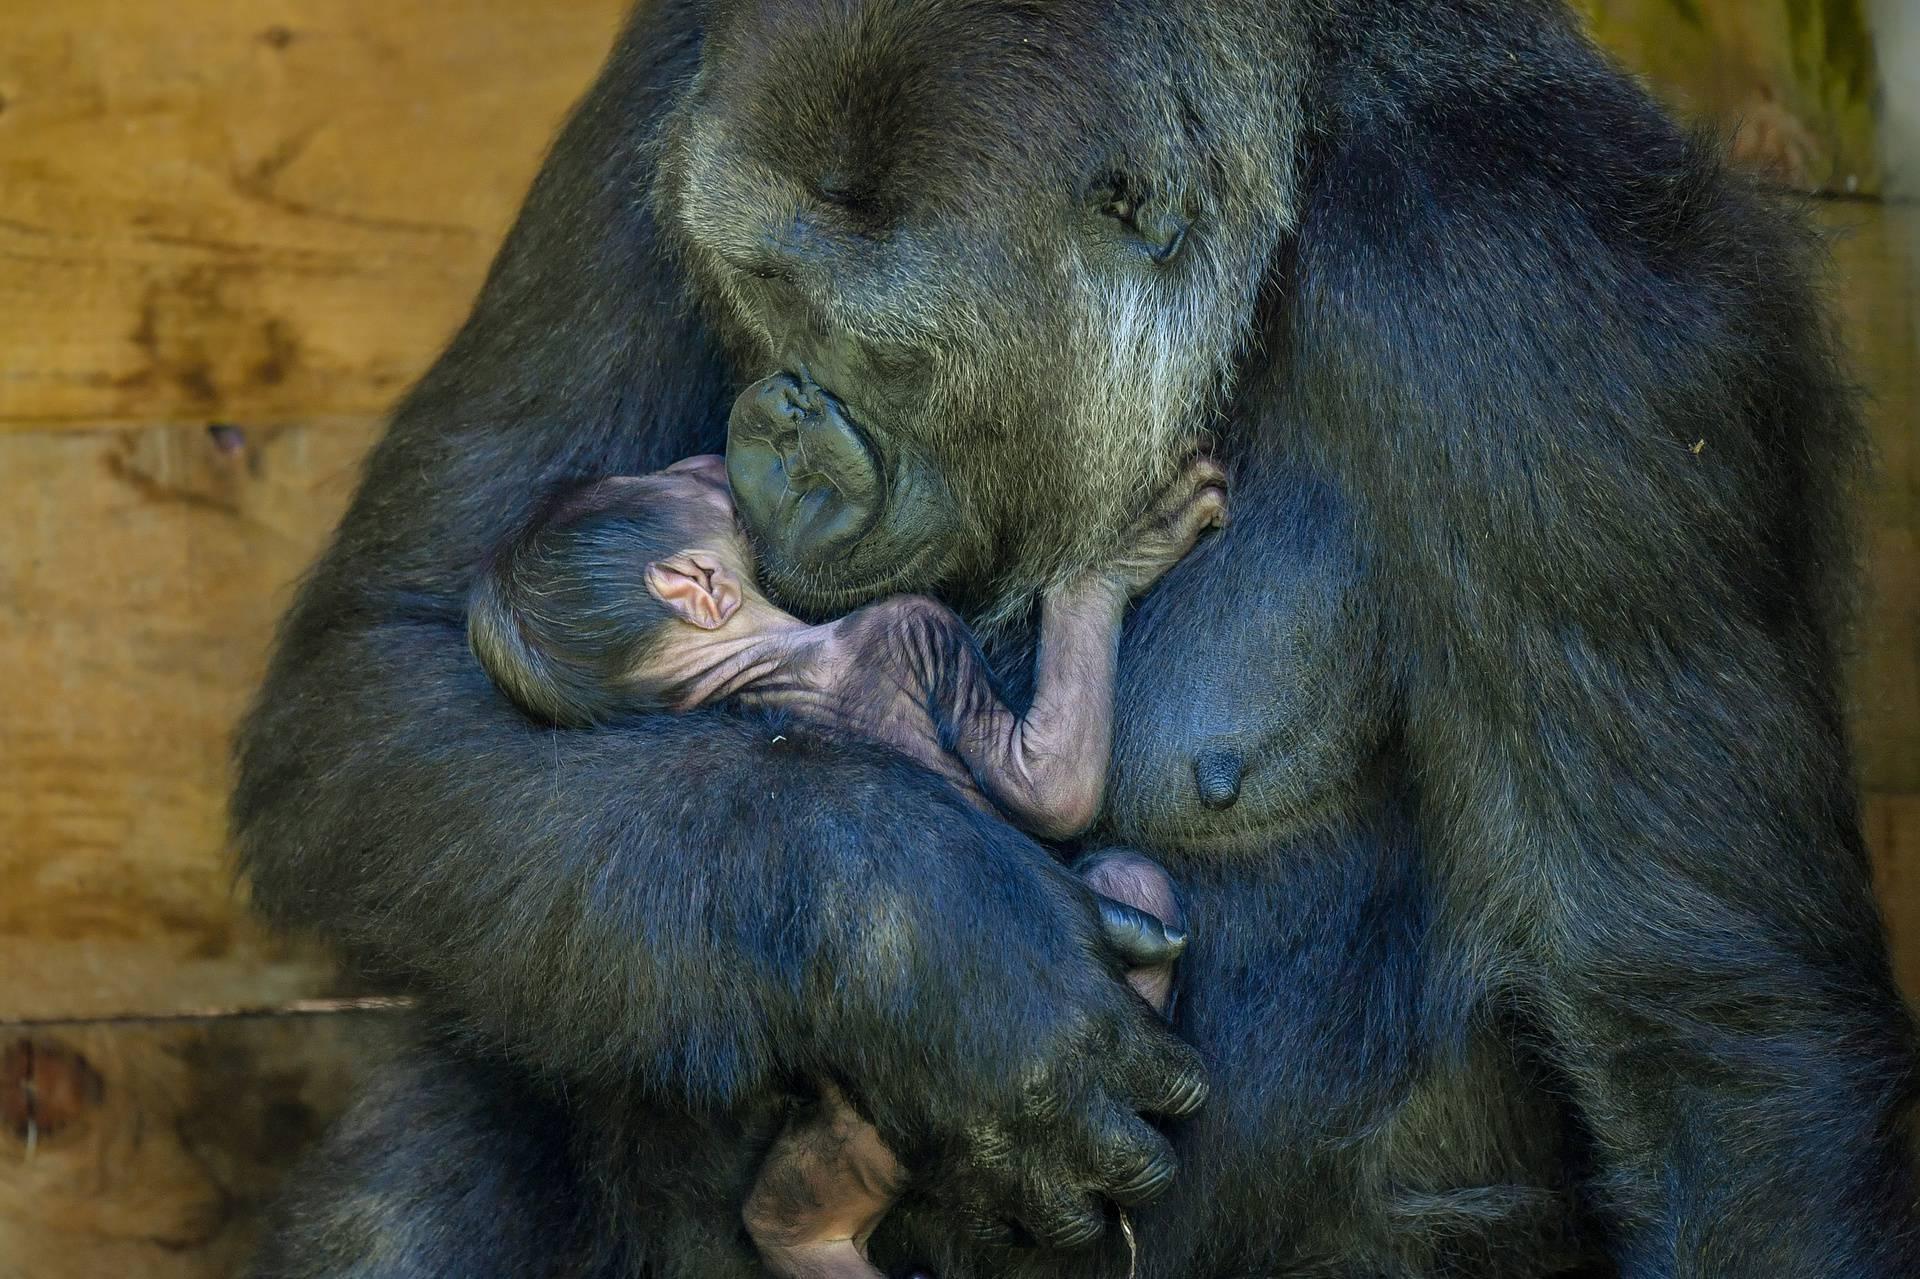 Baby boom rijetkih gorila u Ugandi: To je rijetko, blagoslov!